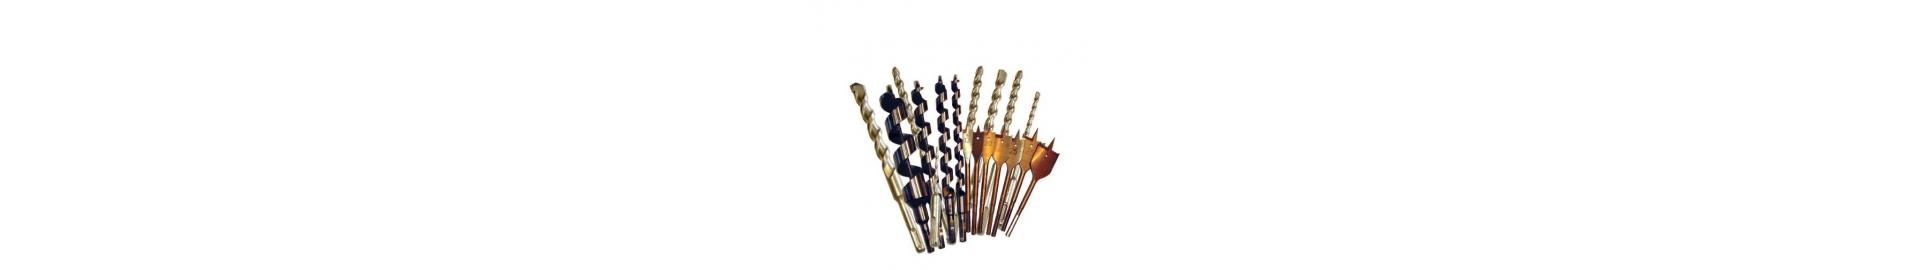 Wiertła – narzędzia skrawające do wykonywania otworów